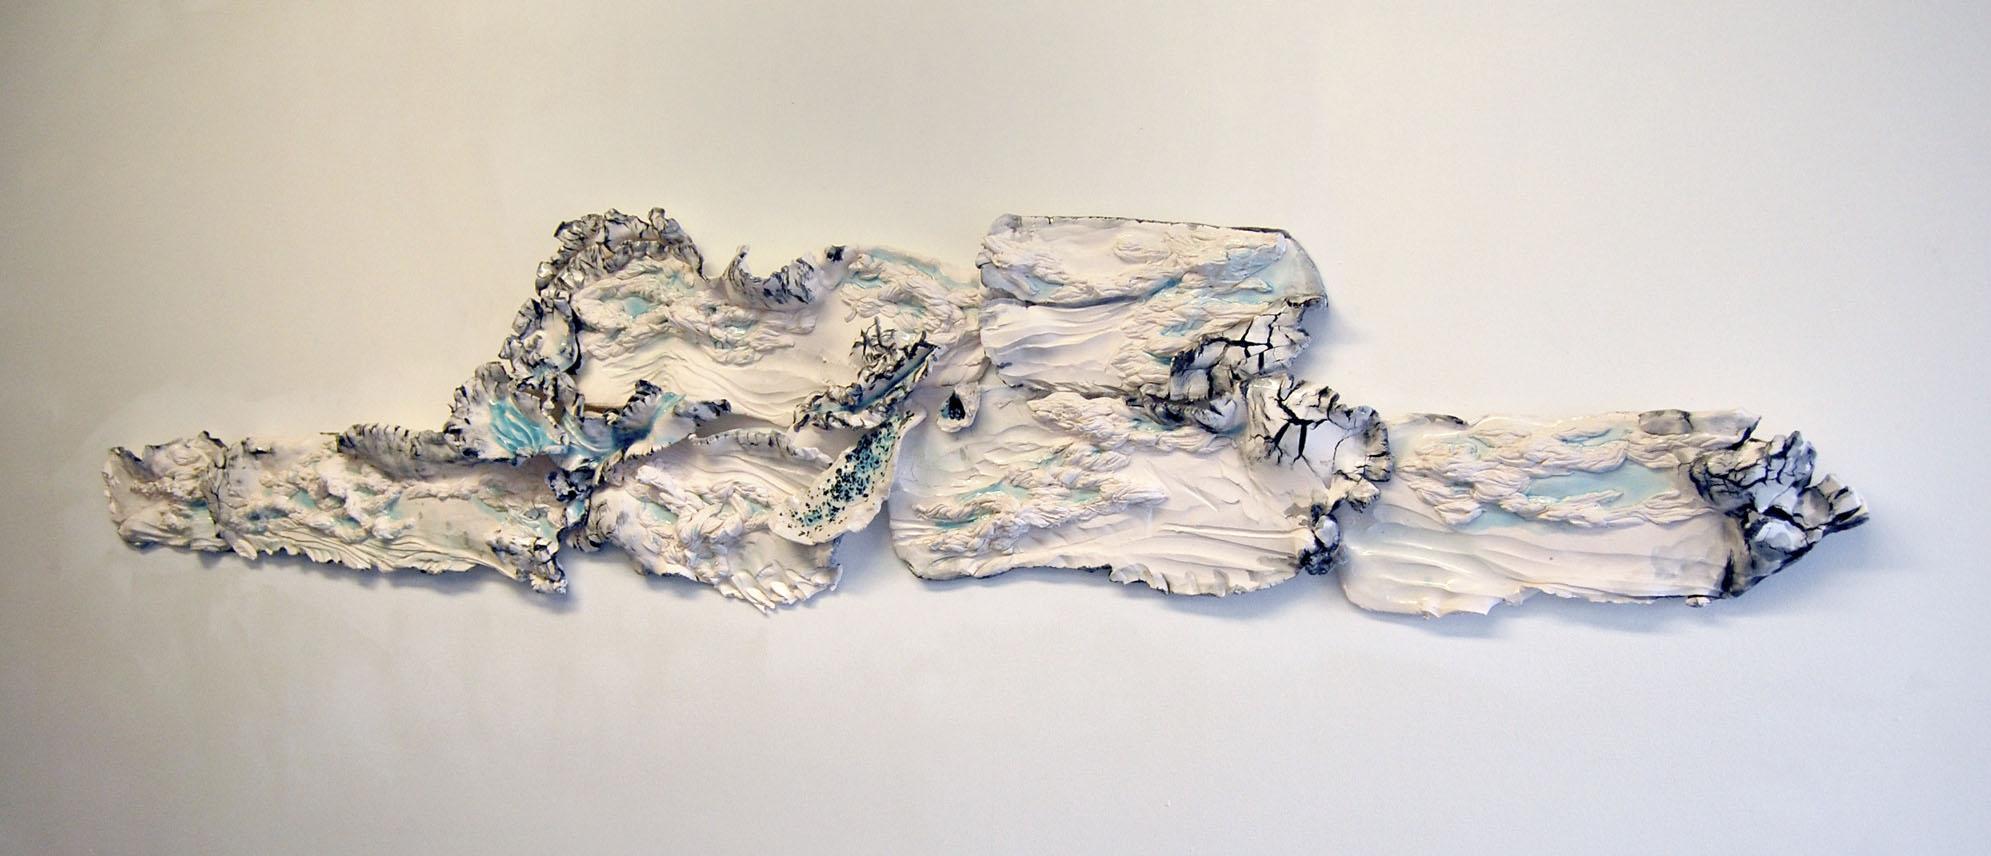 Glacial Flow #1 2014